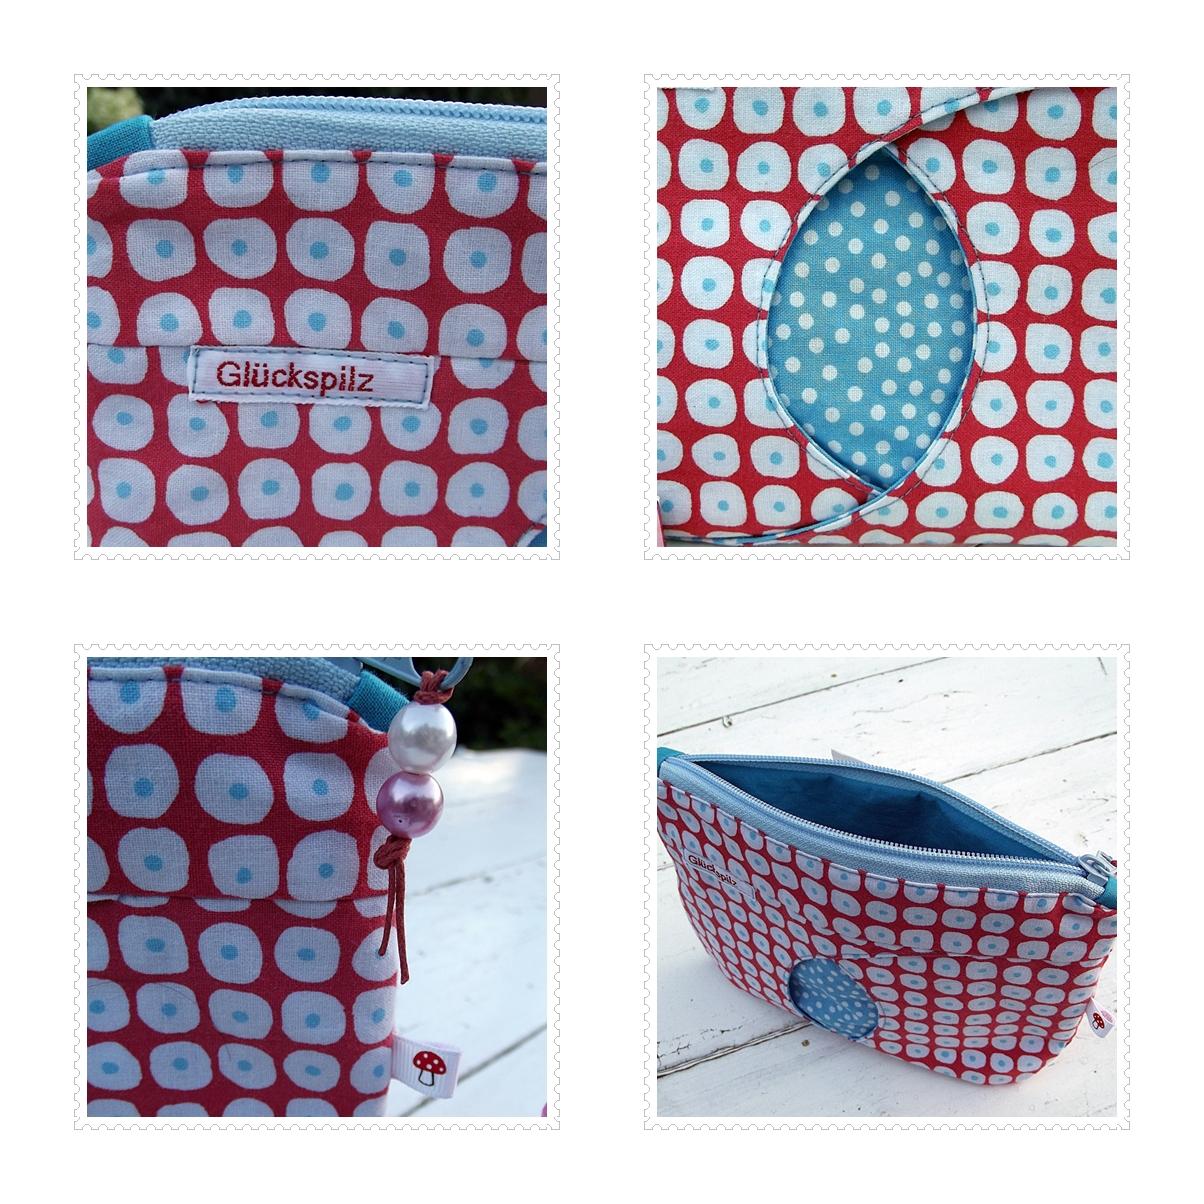 Katrins kleine Meisterwerke: Gucklochtasche - freies Muster